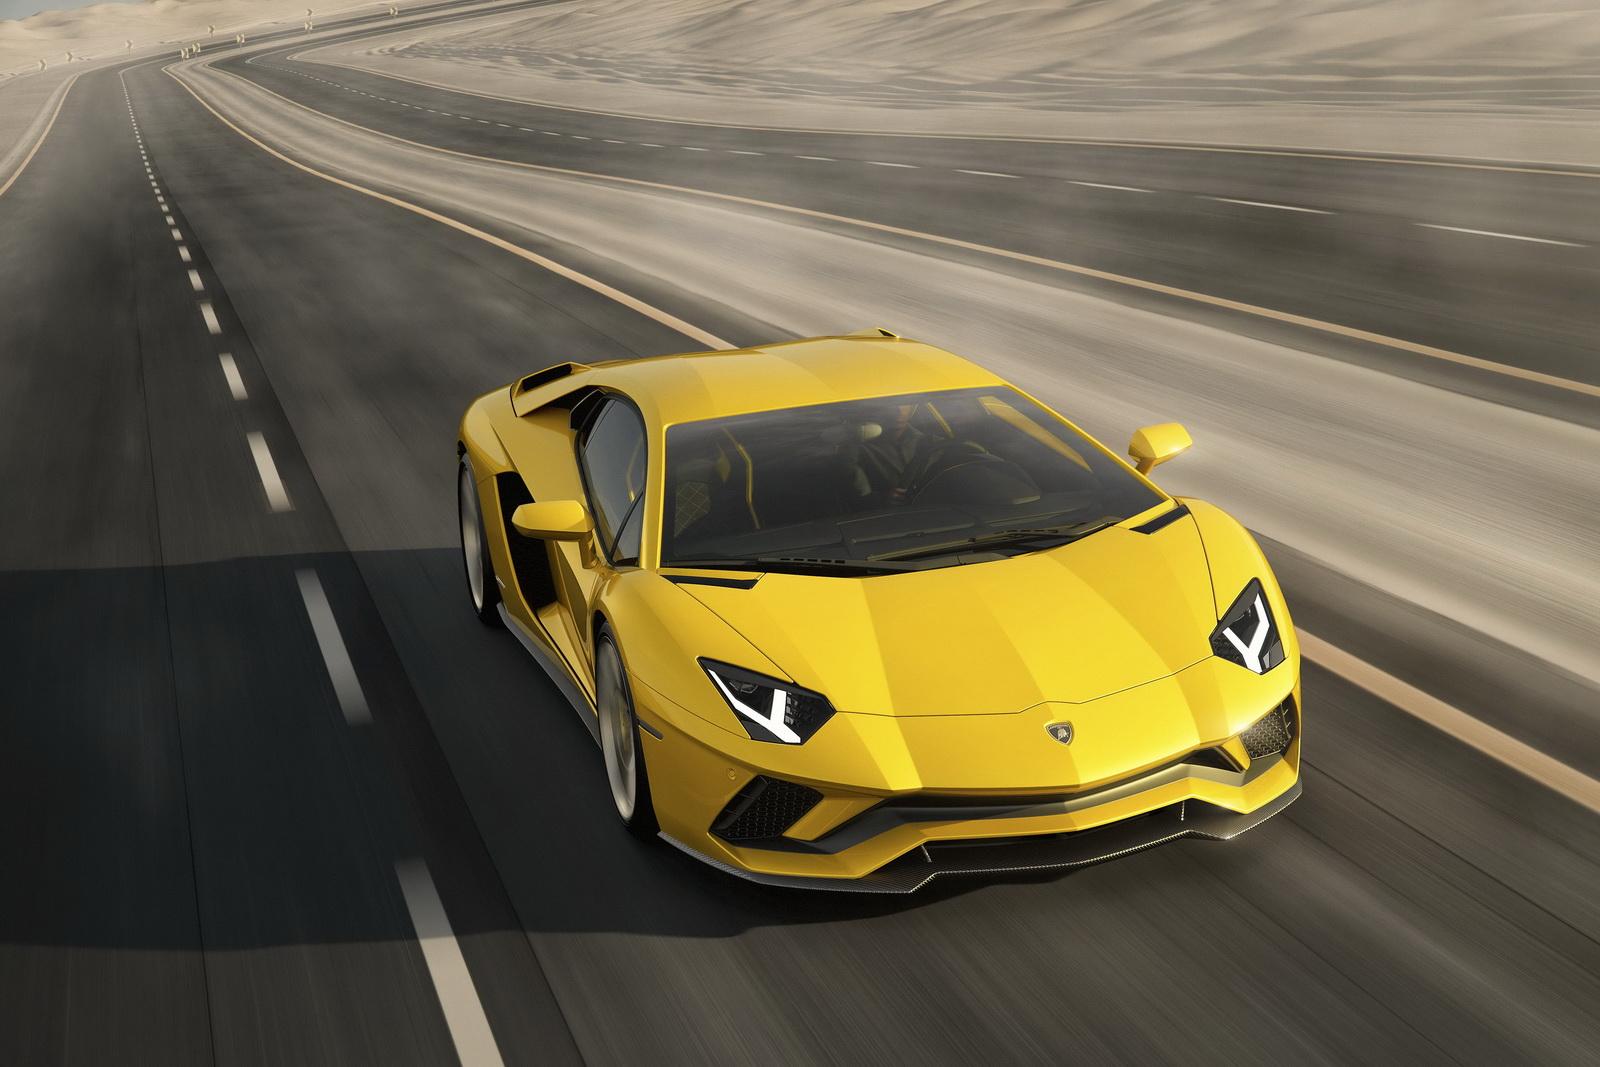 Lamborghini Aventador S de frente